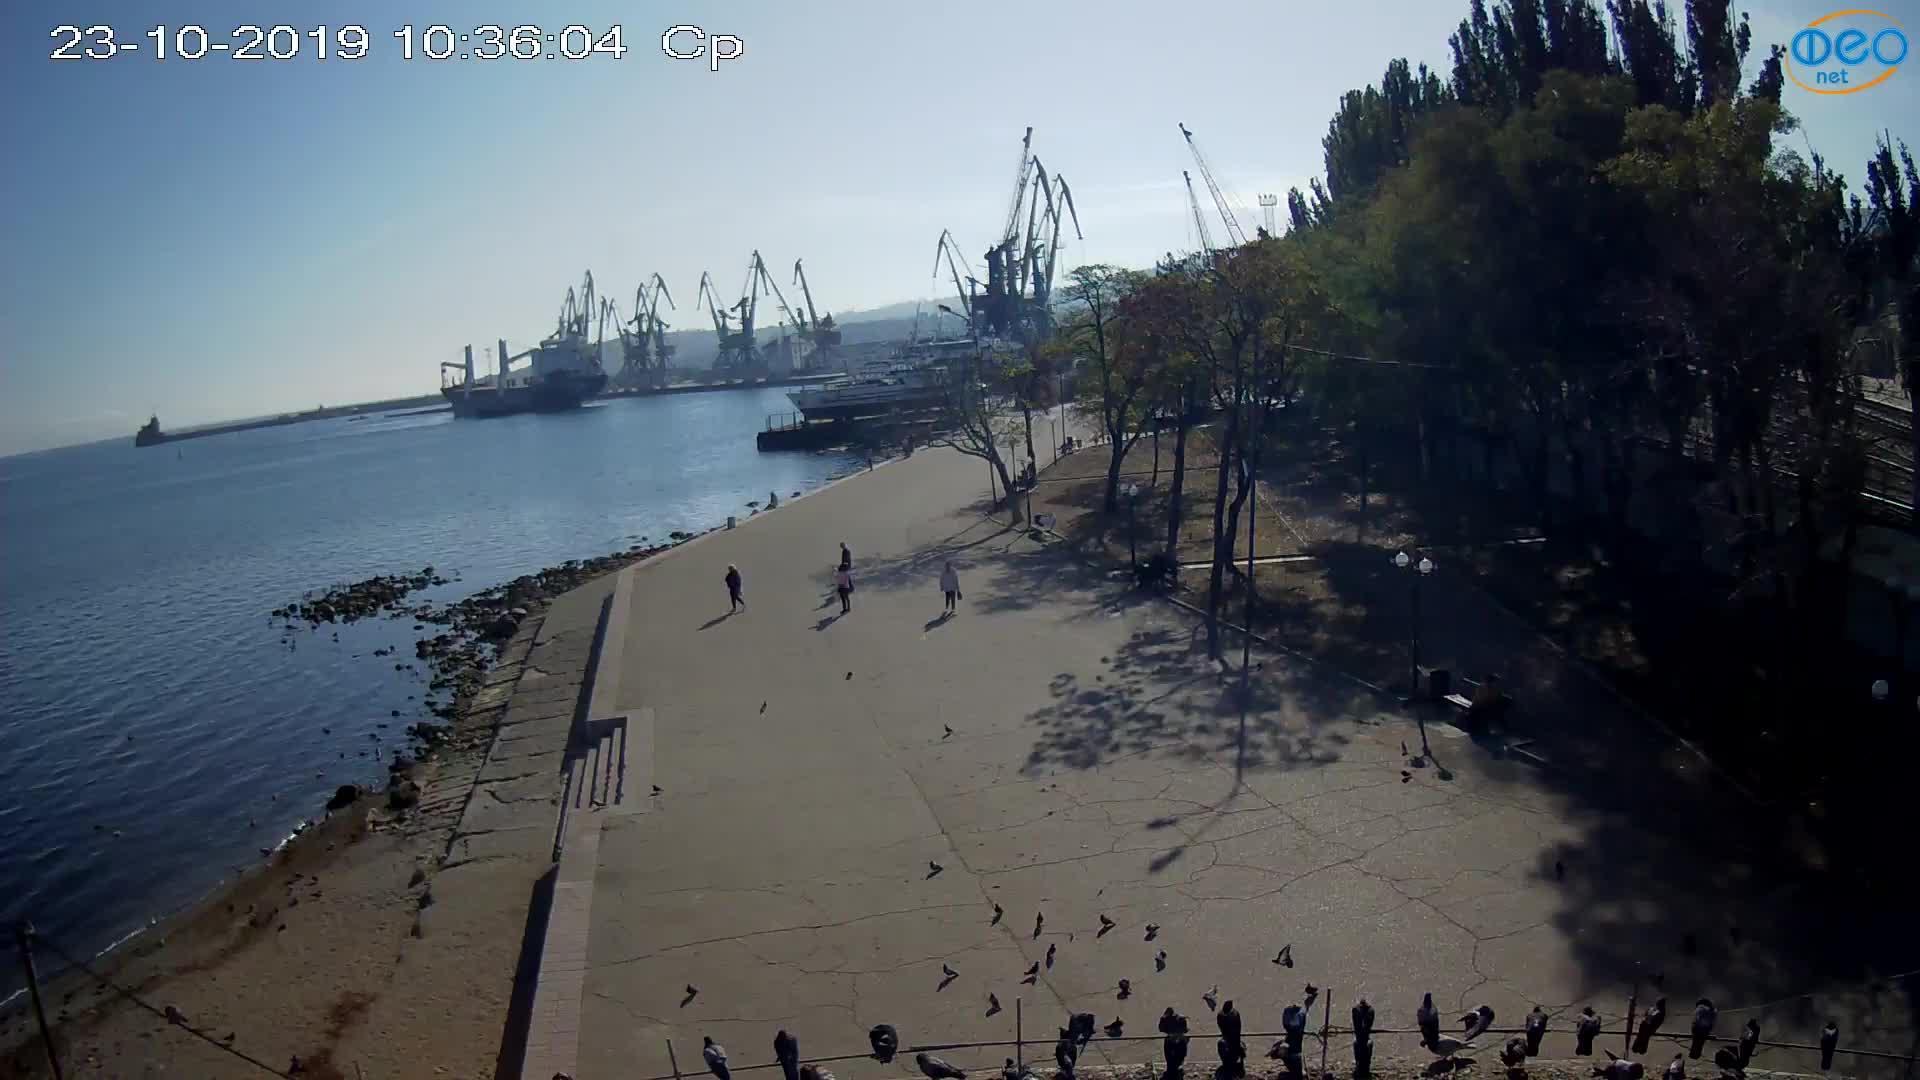 Веб-камеры Феодосии, Набережная Десантников, 2019-10-23 10:36:14